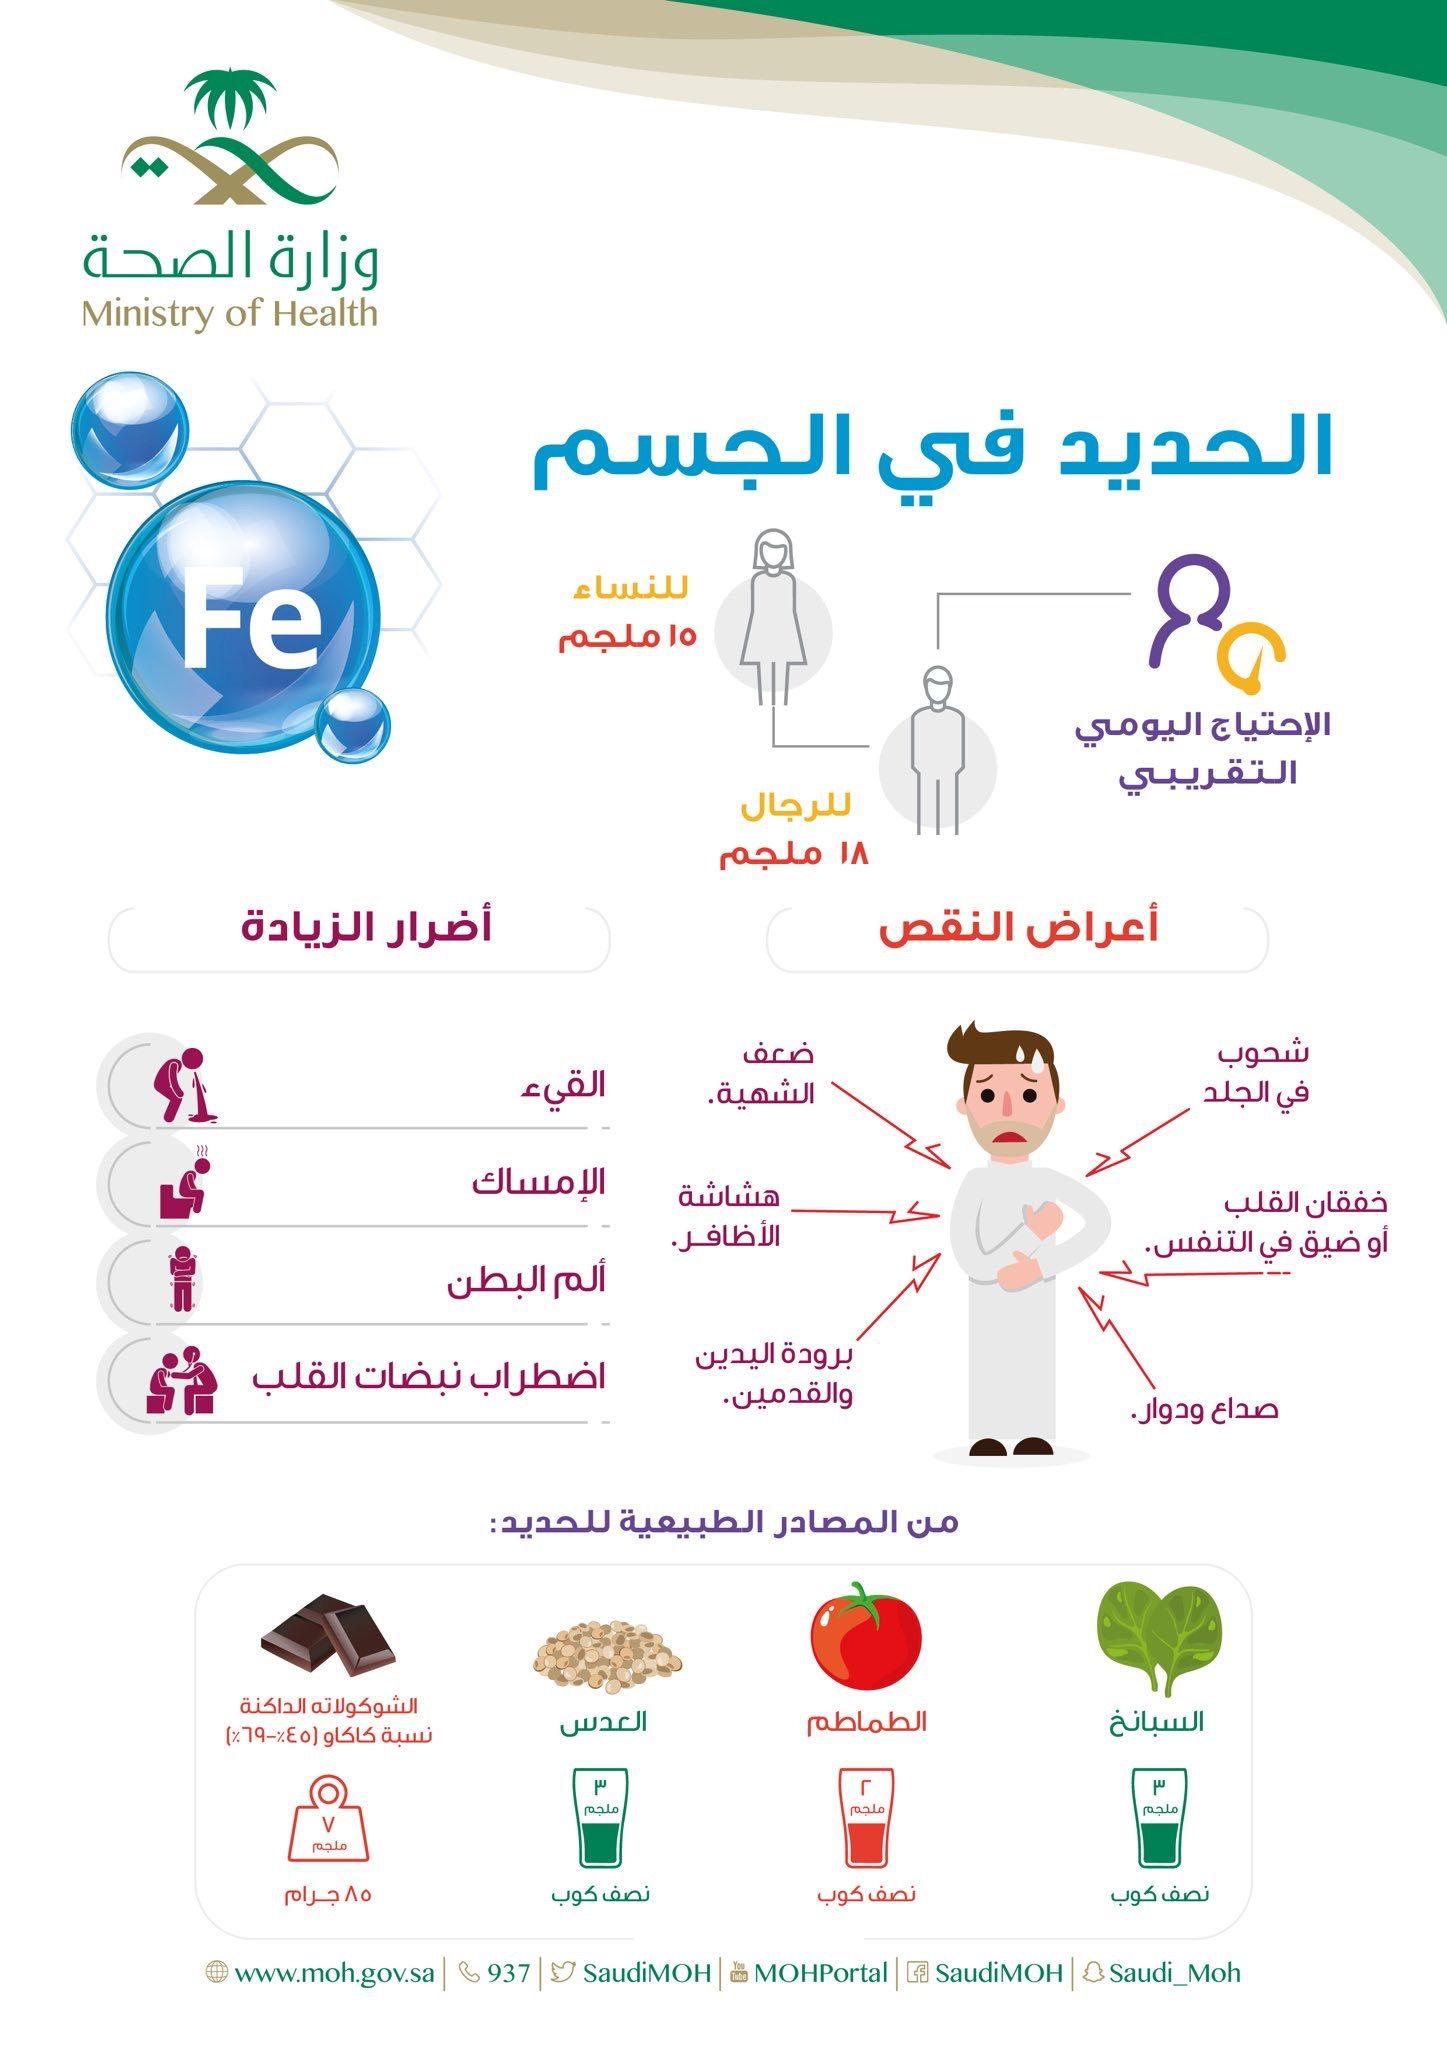 الحديد في الجسم Health And Nutrition Health Fitness Nutrition Health And Fitness Expo